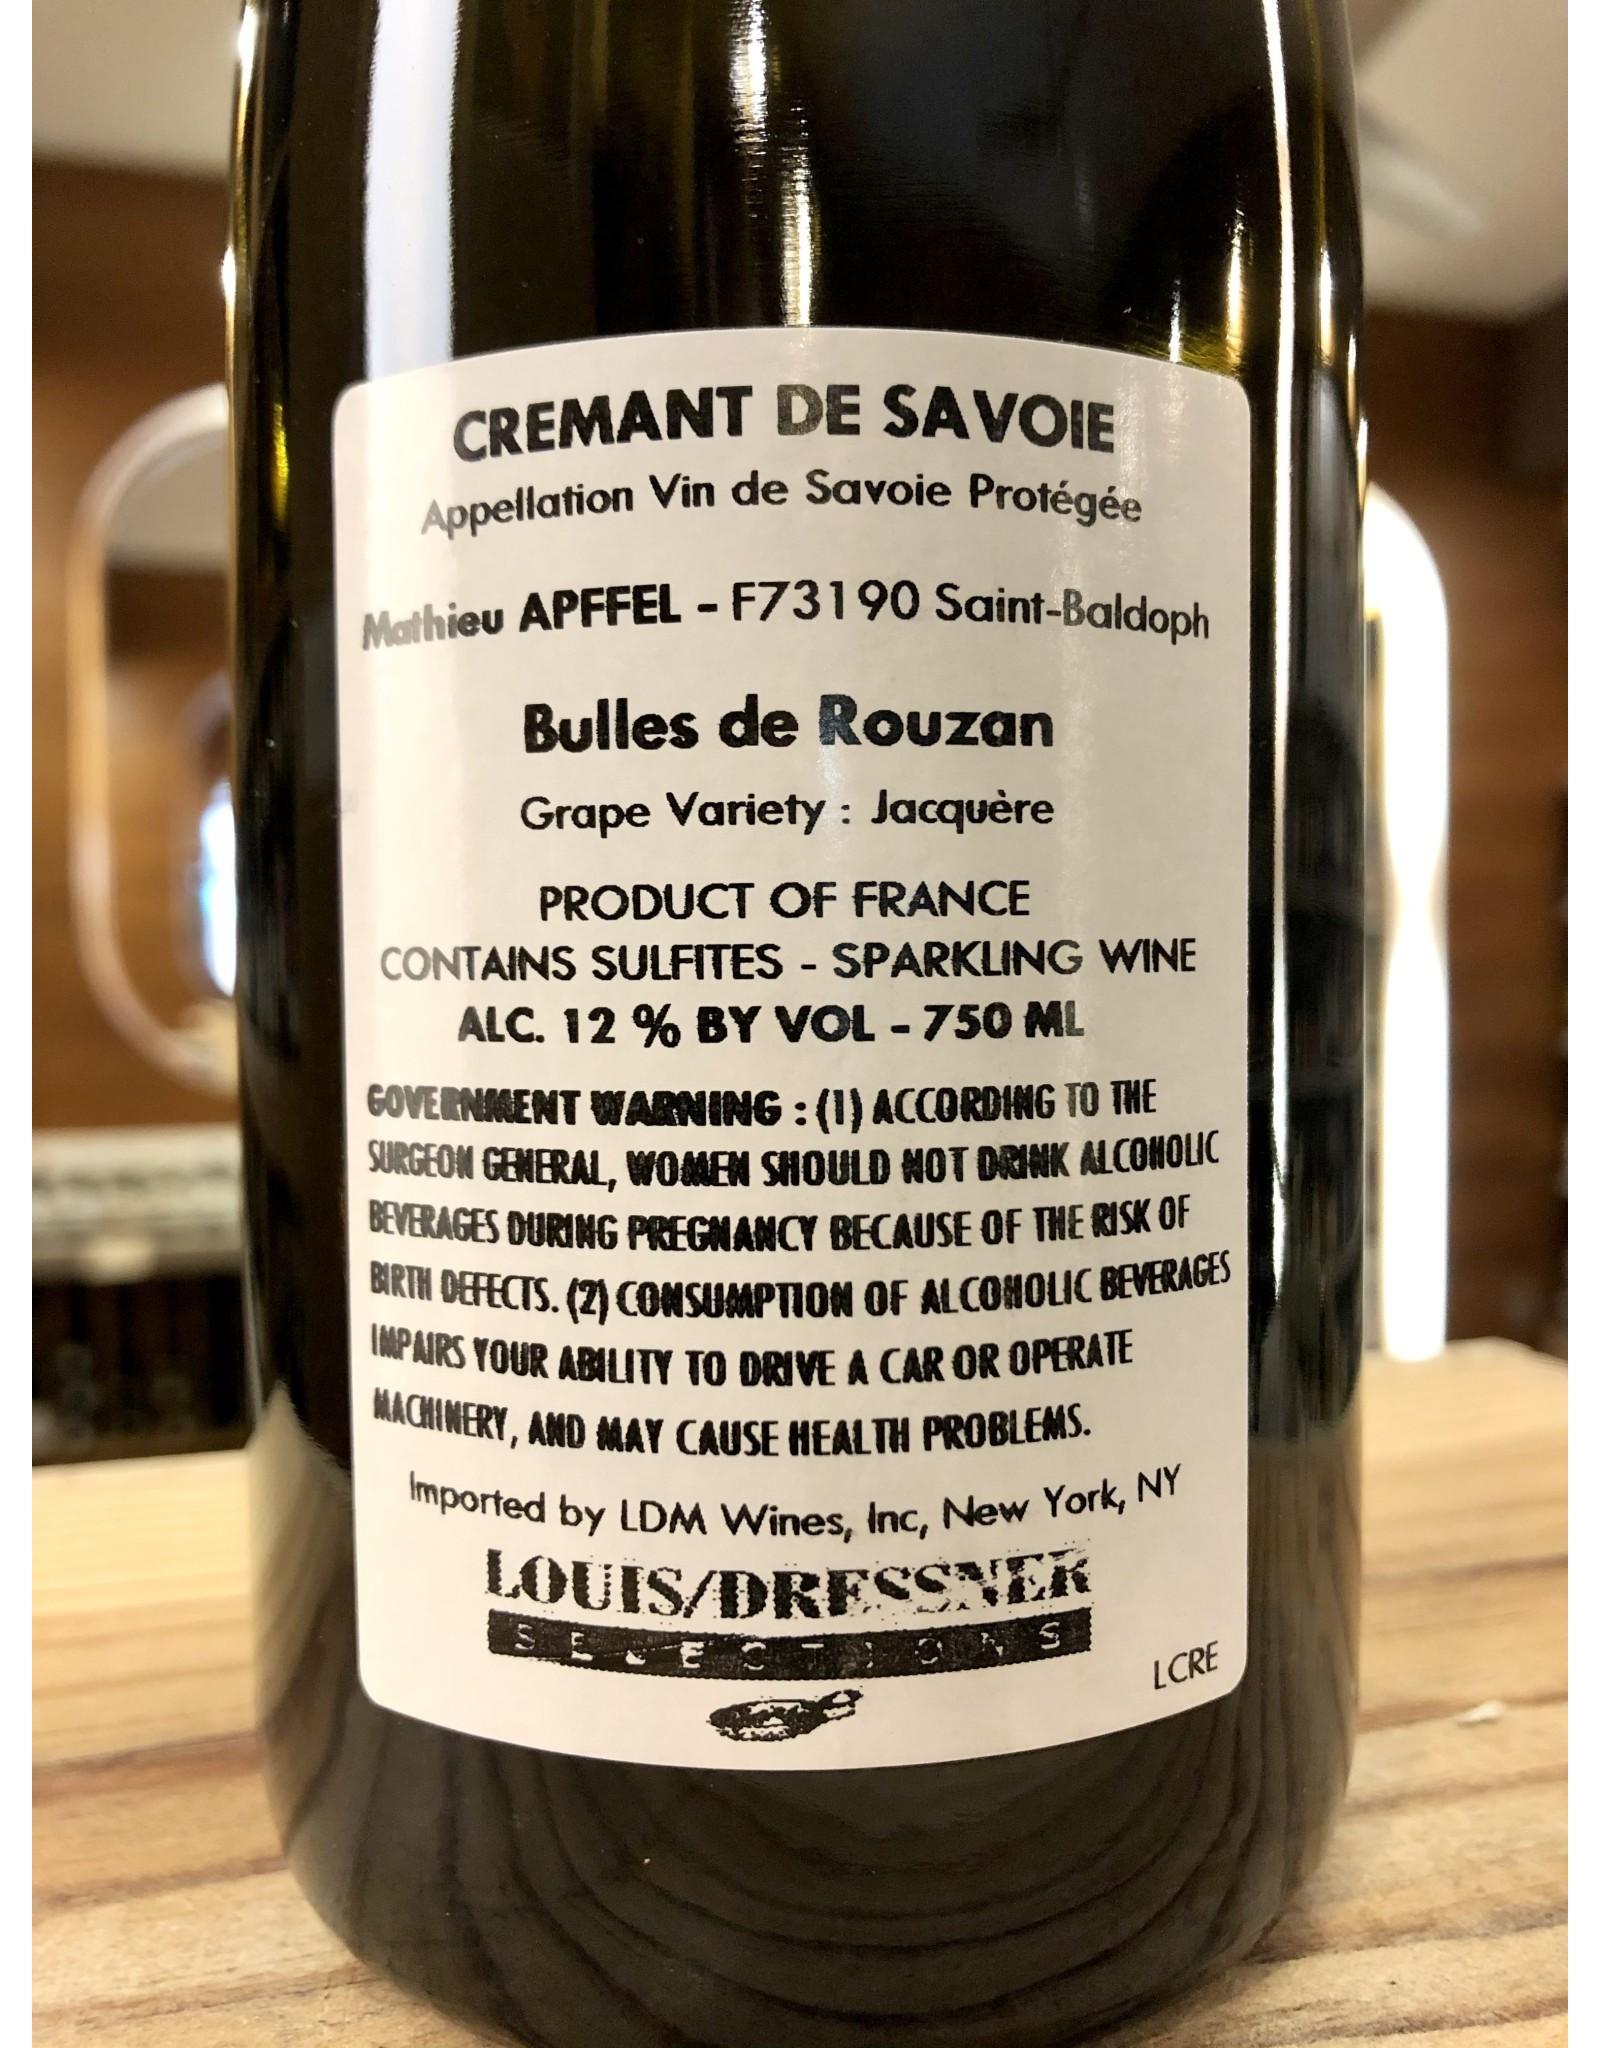 Mathieu Apffel Cremant de Savoie Bulles de Rouzan - 750 ML